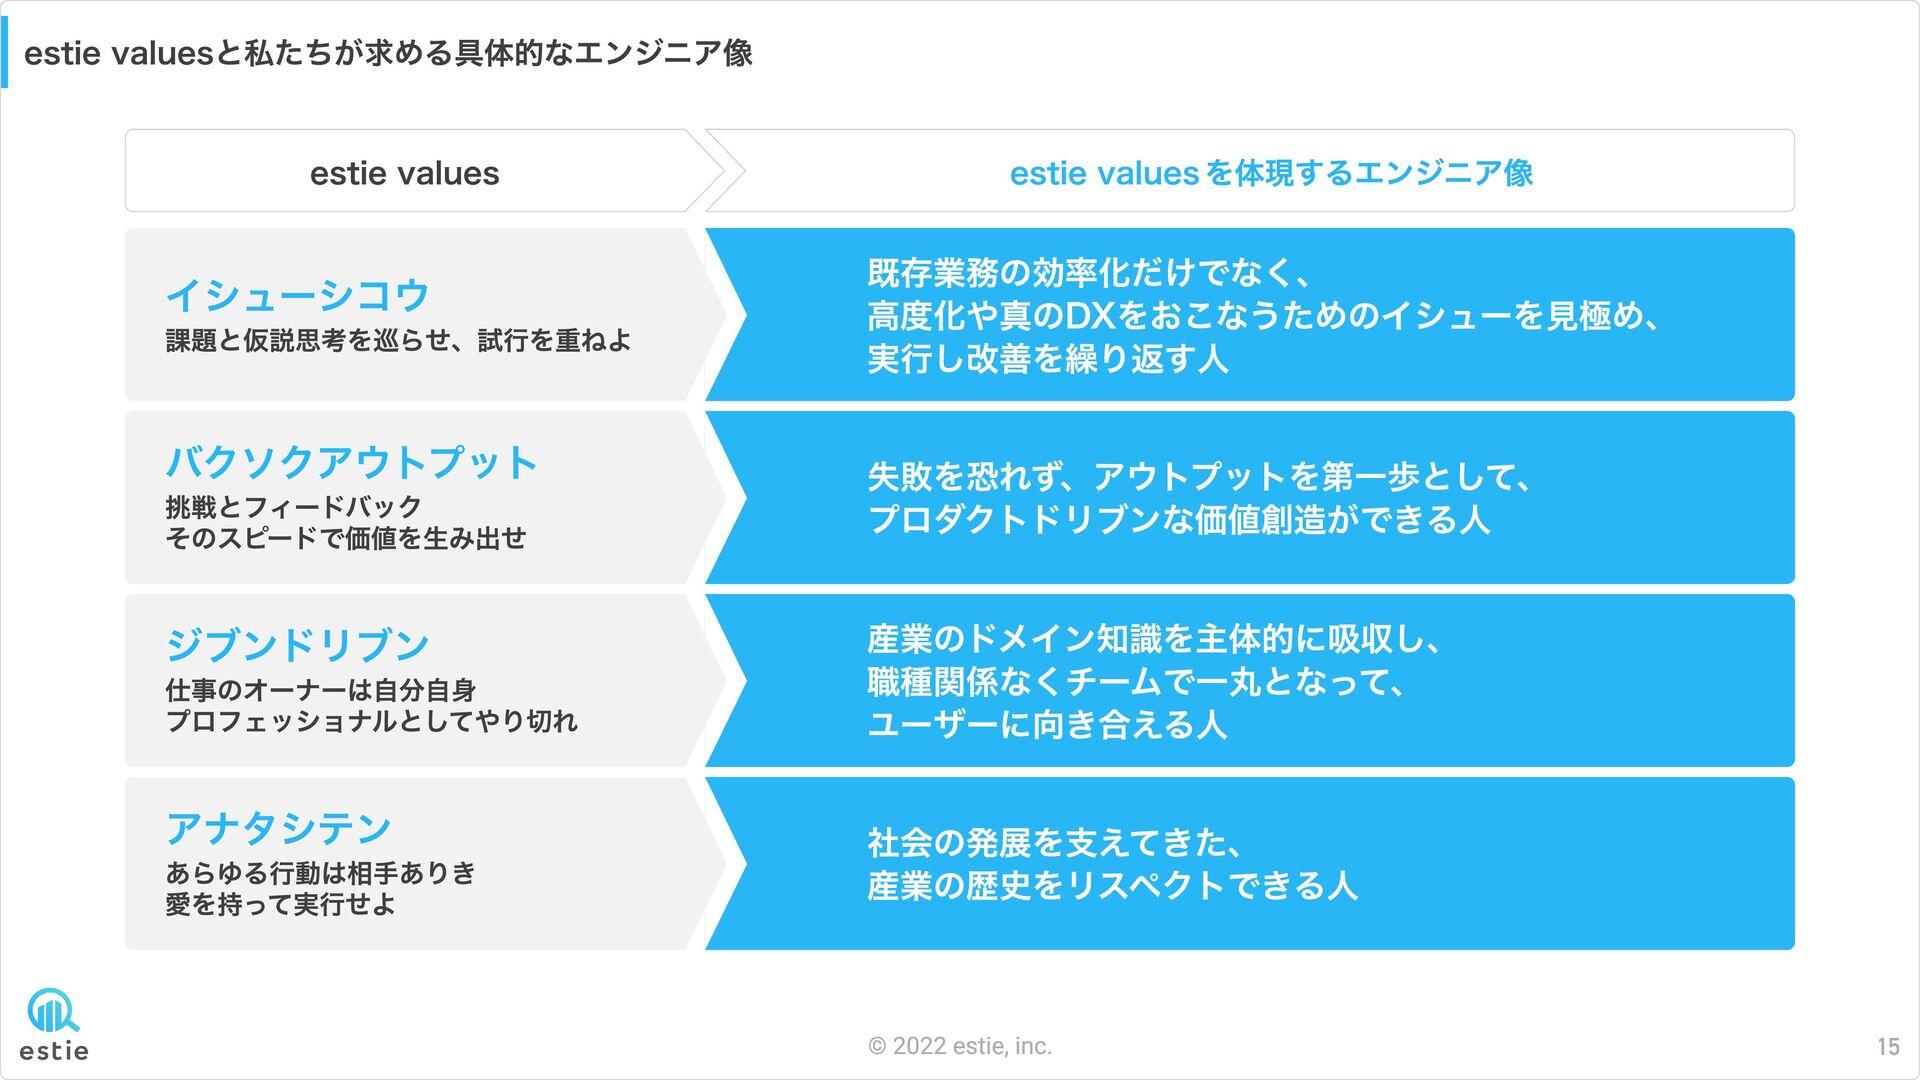 estieのカルチャー 1 estie  culture 褒め合う文化 高い成長意欲 2 es...